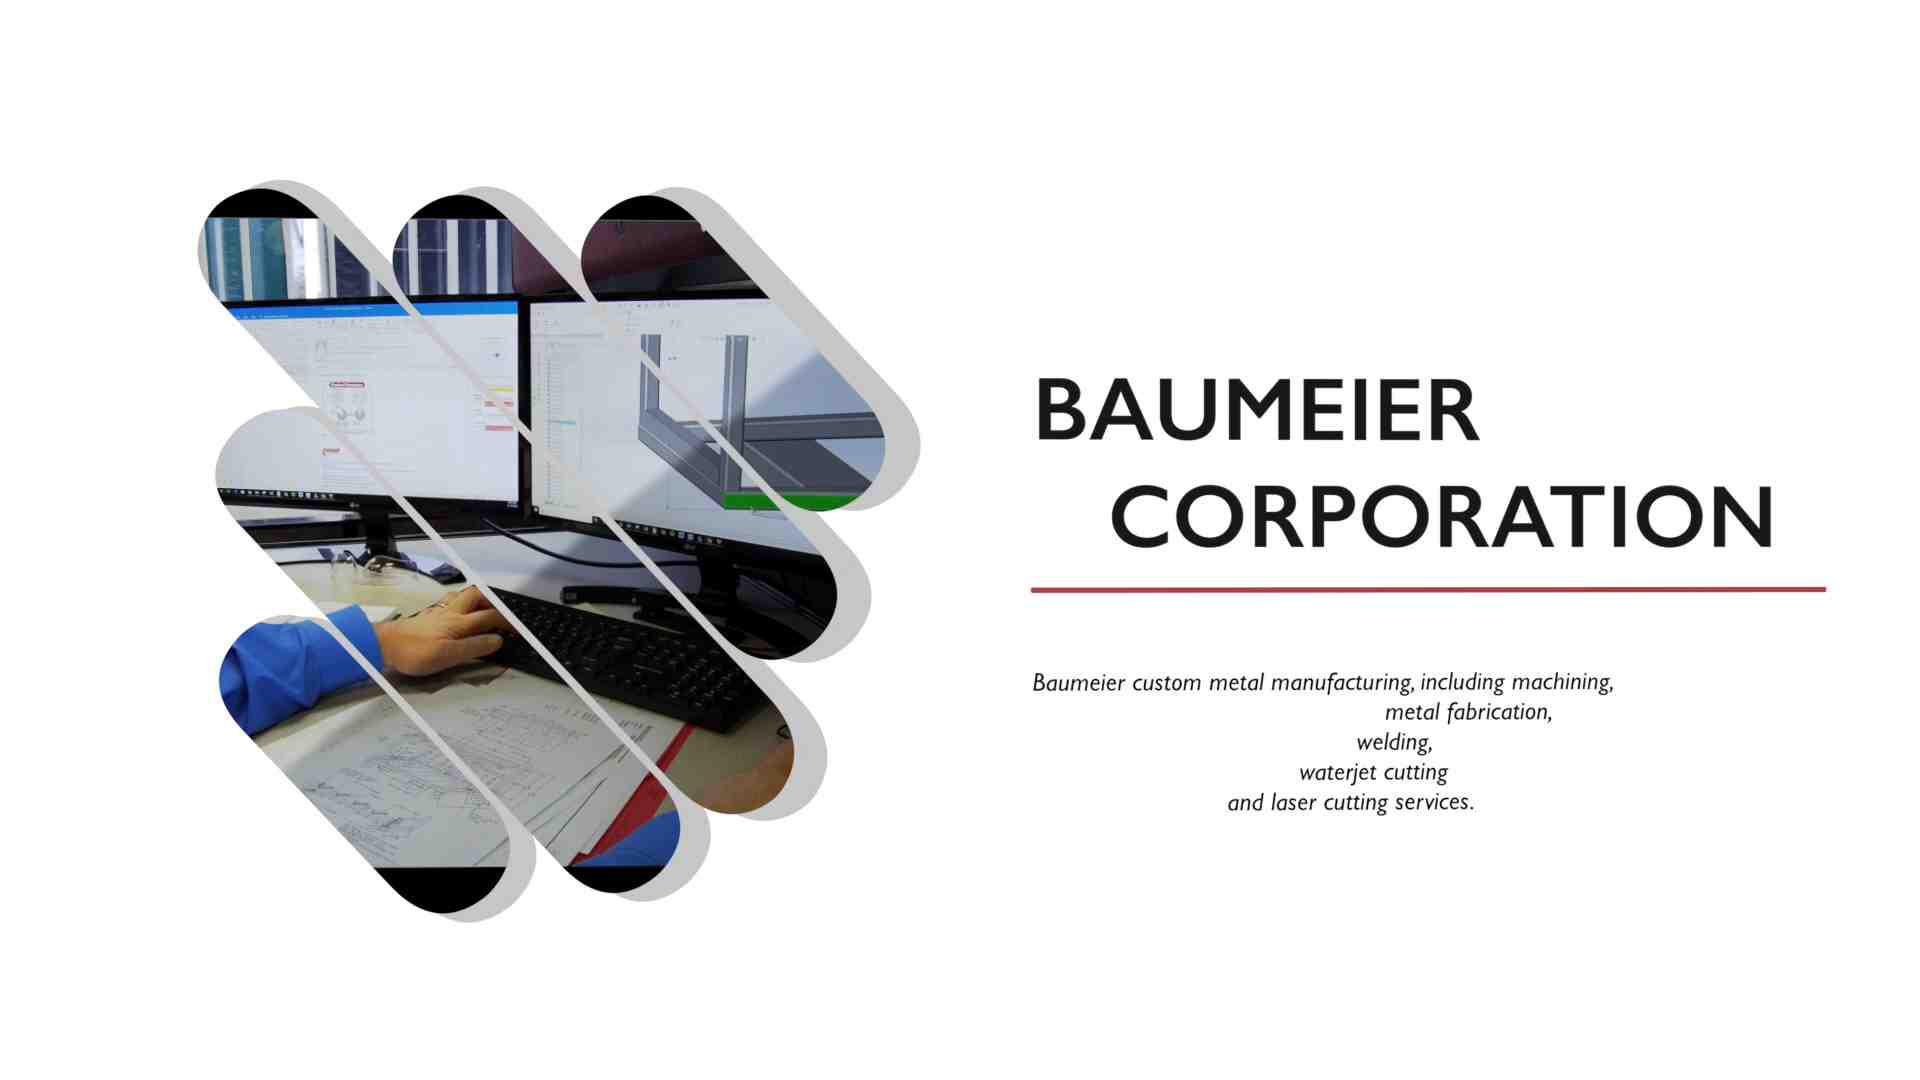 Baumeier Corporation